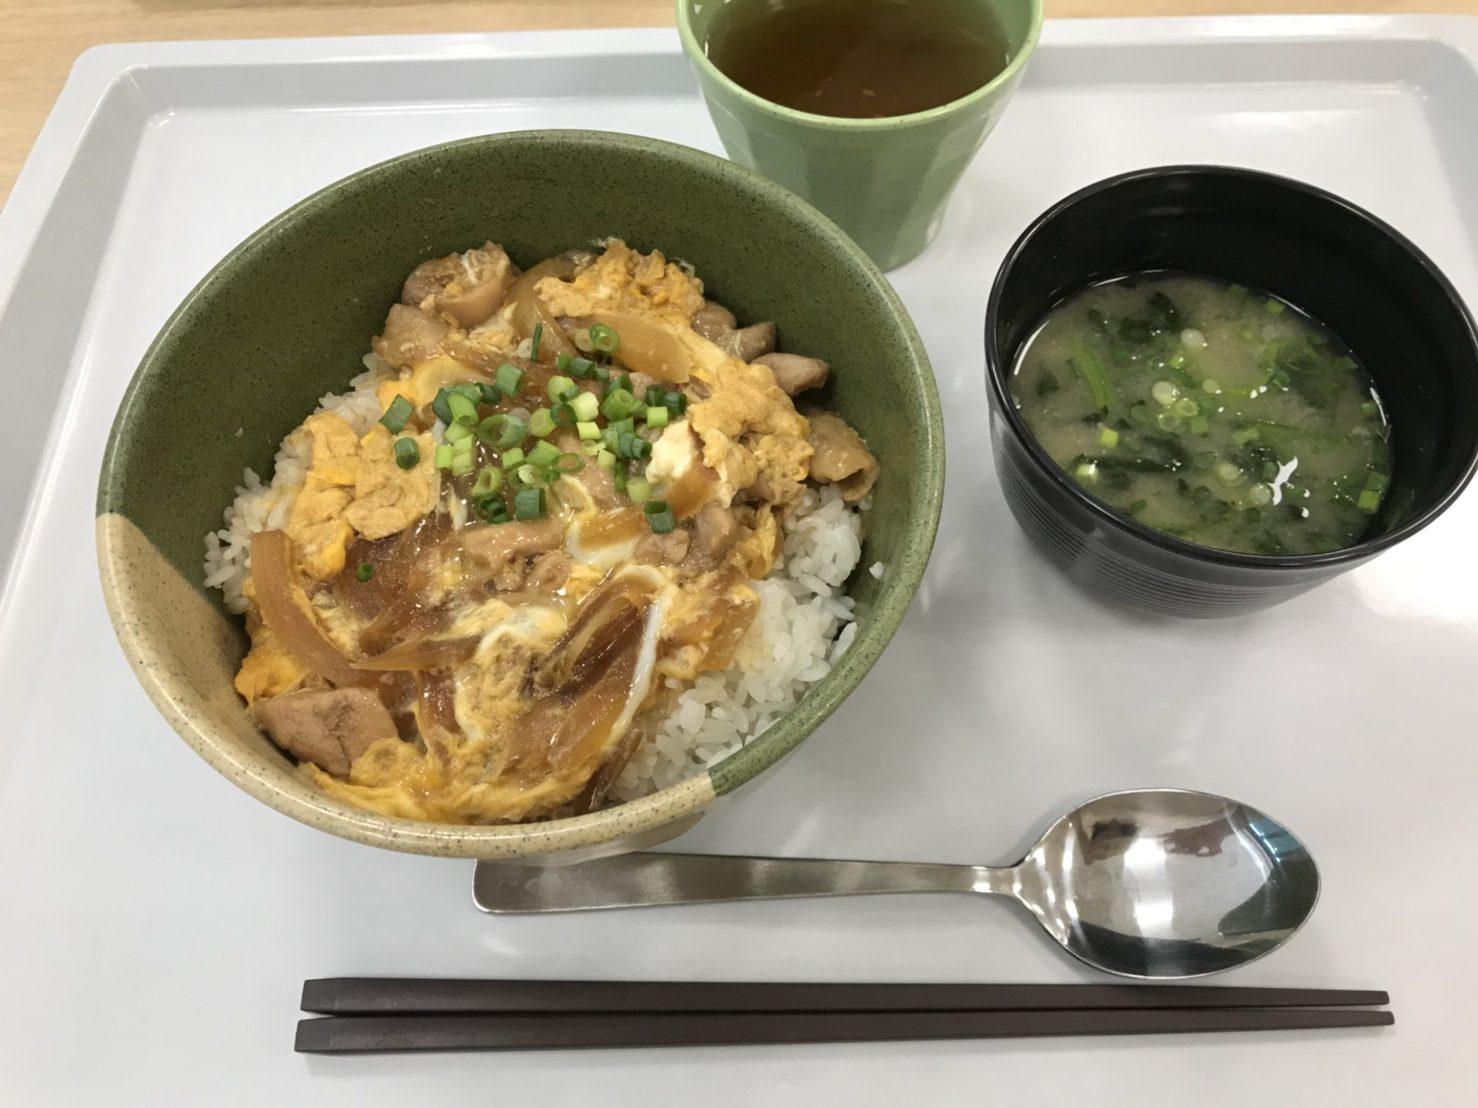 裁判所の食堂オープン! 定食・丼・麺類・カレー♫